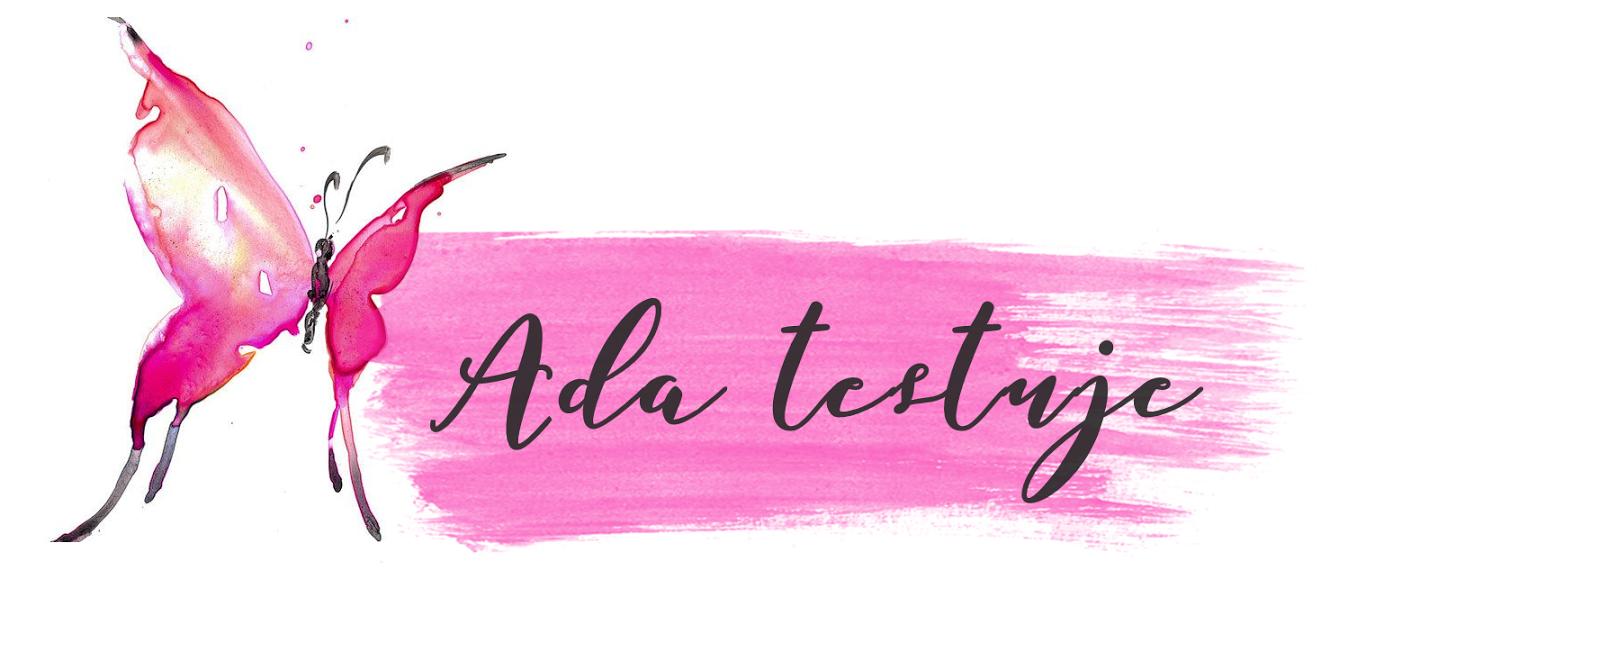 Ada testuje - produkty według Ady